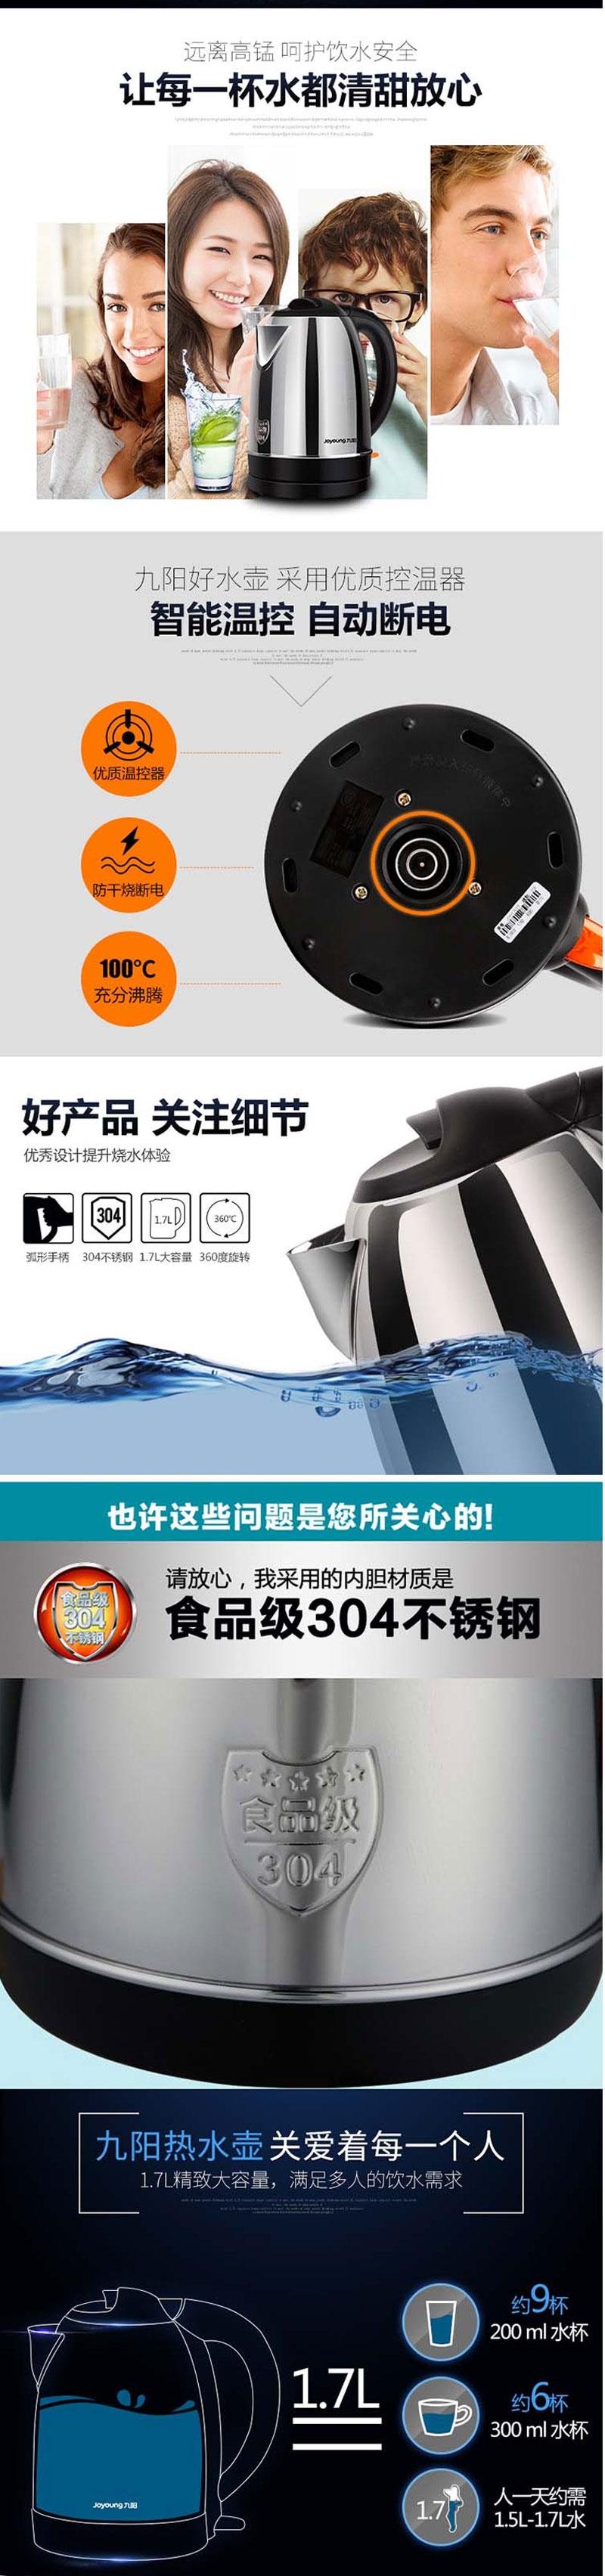 九阳(Joyoung) 开水煲 JYK-17C10 不锈钢 1.7L 1800W 不锈钢色